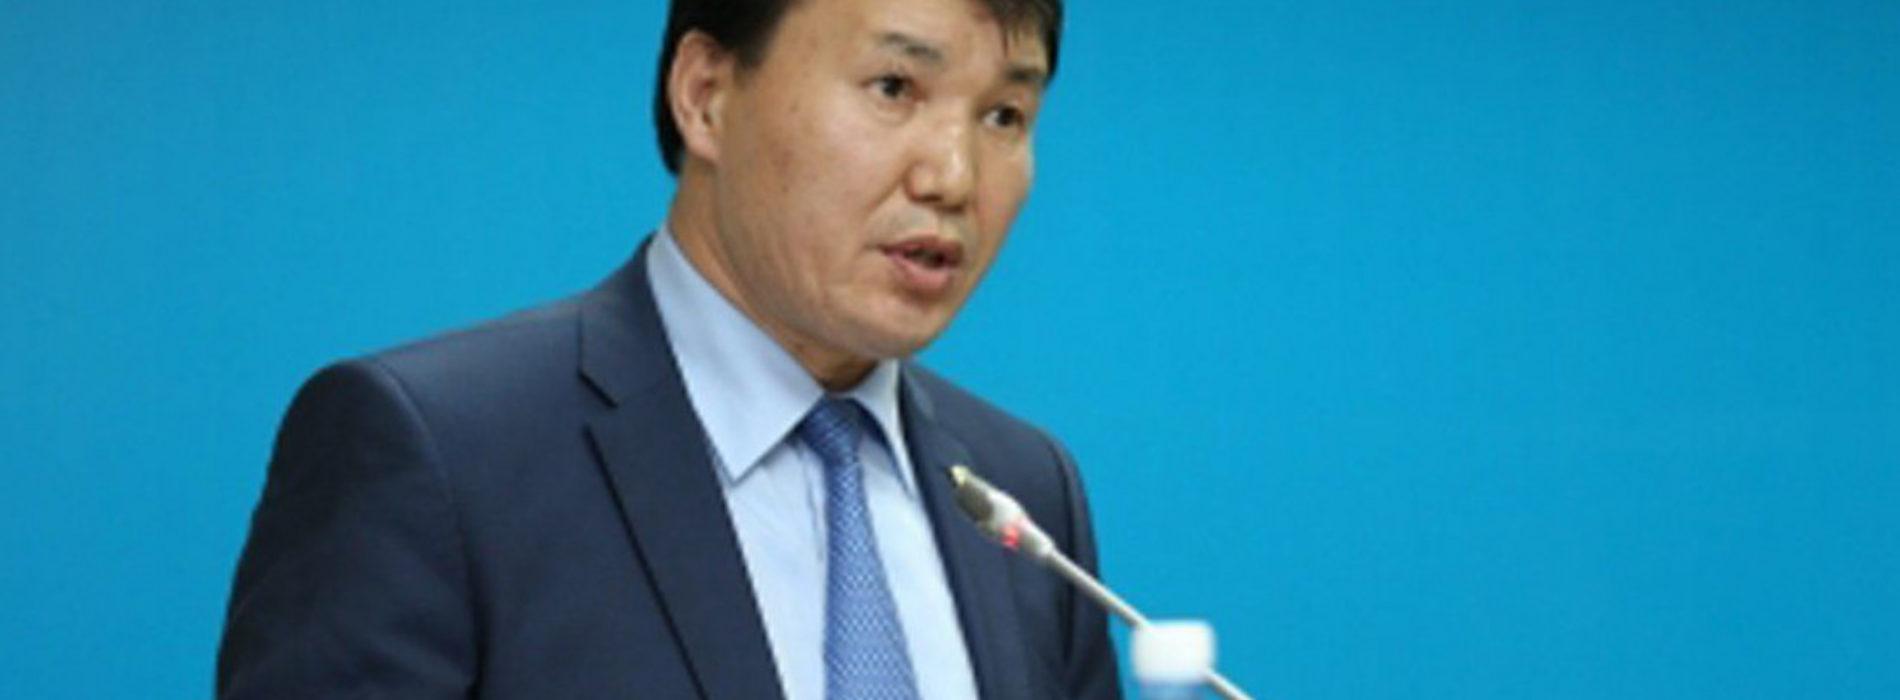 Шпекбаев обозначил семь антикорупционных приоритетов